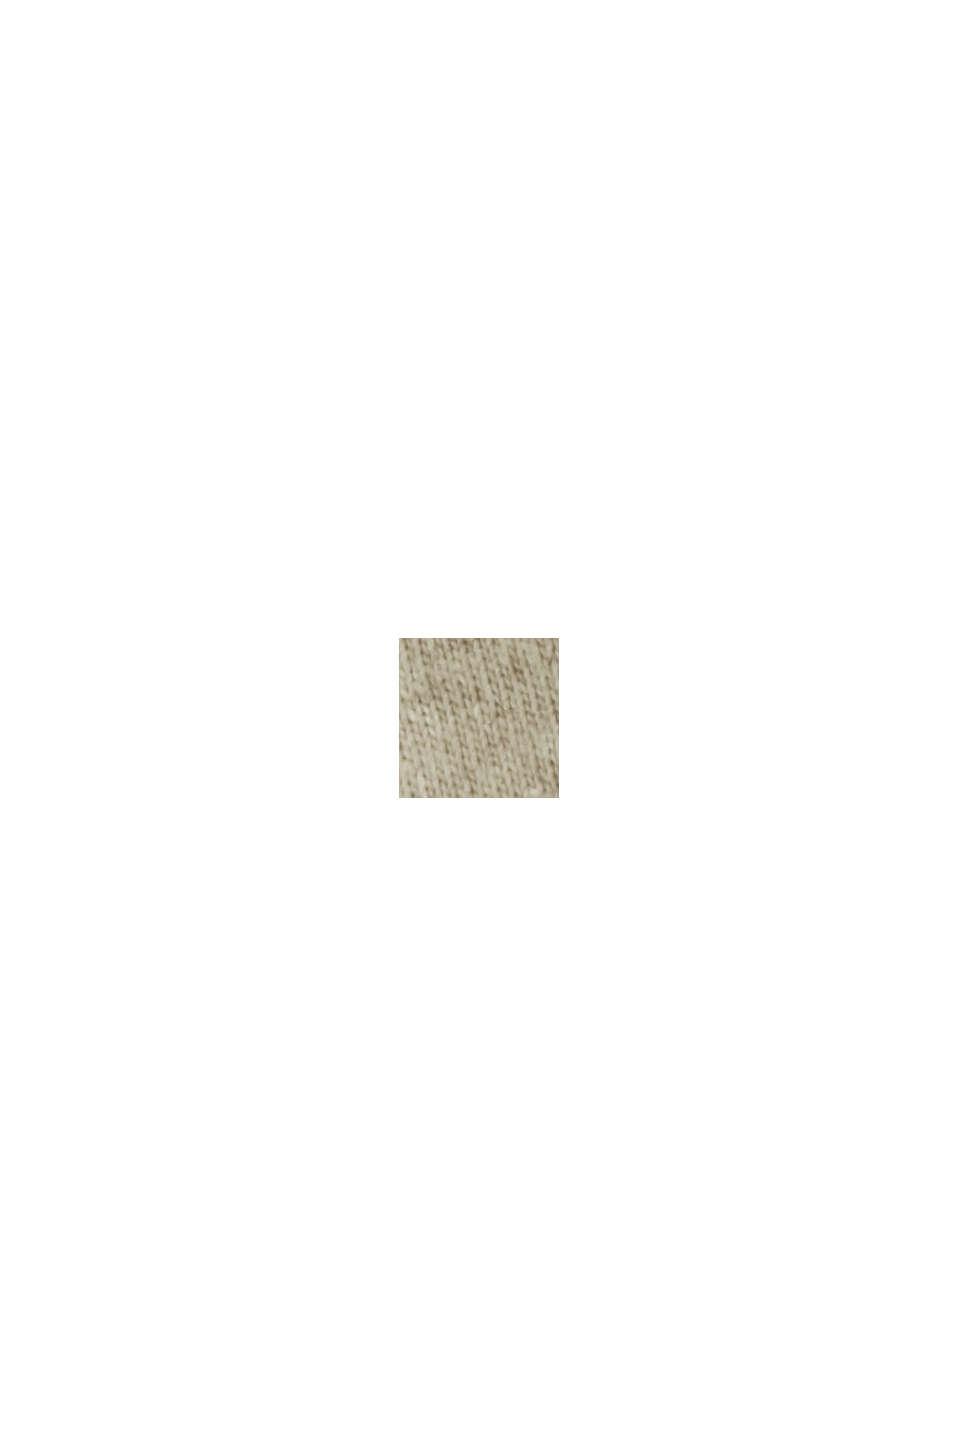 Jersey-Shirt mit Tasche, Organic Cotton, LIGHT BEIGE, swatch